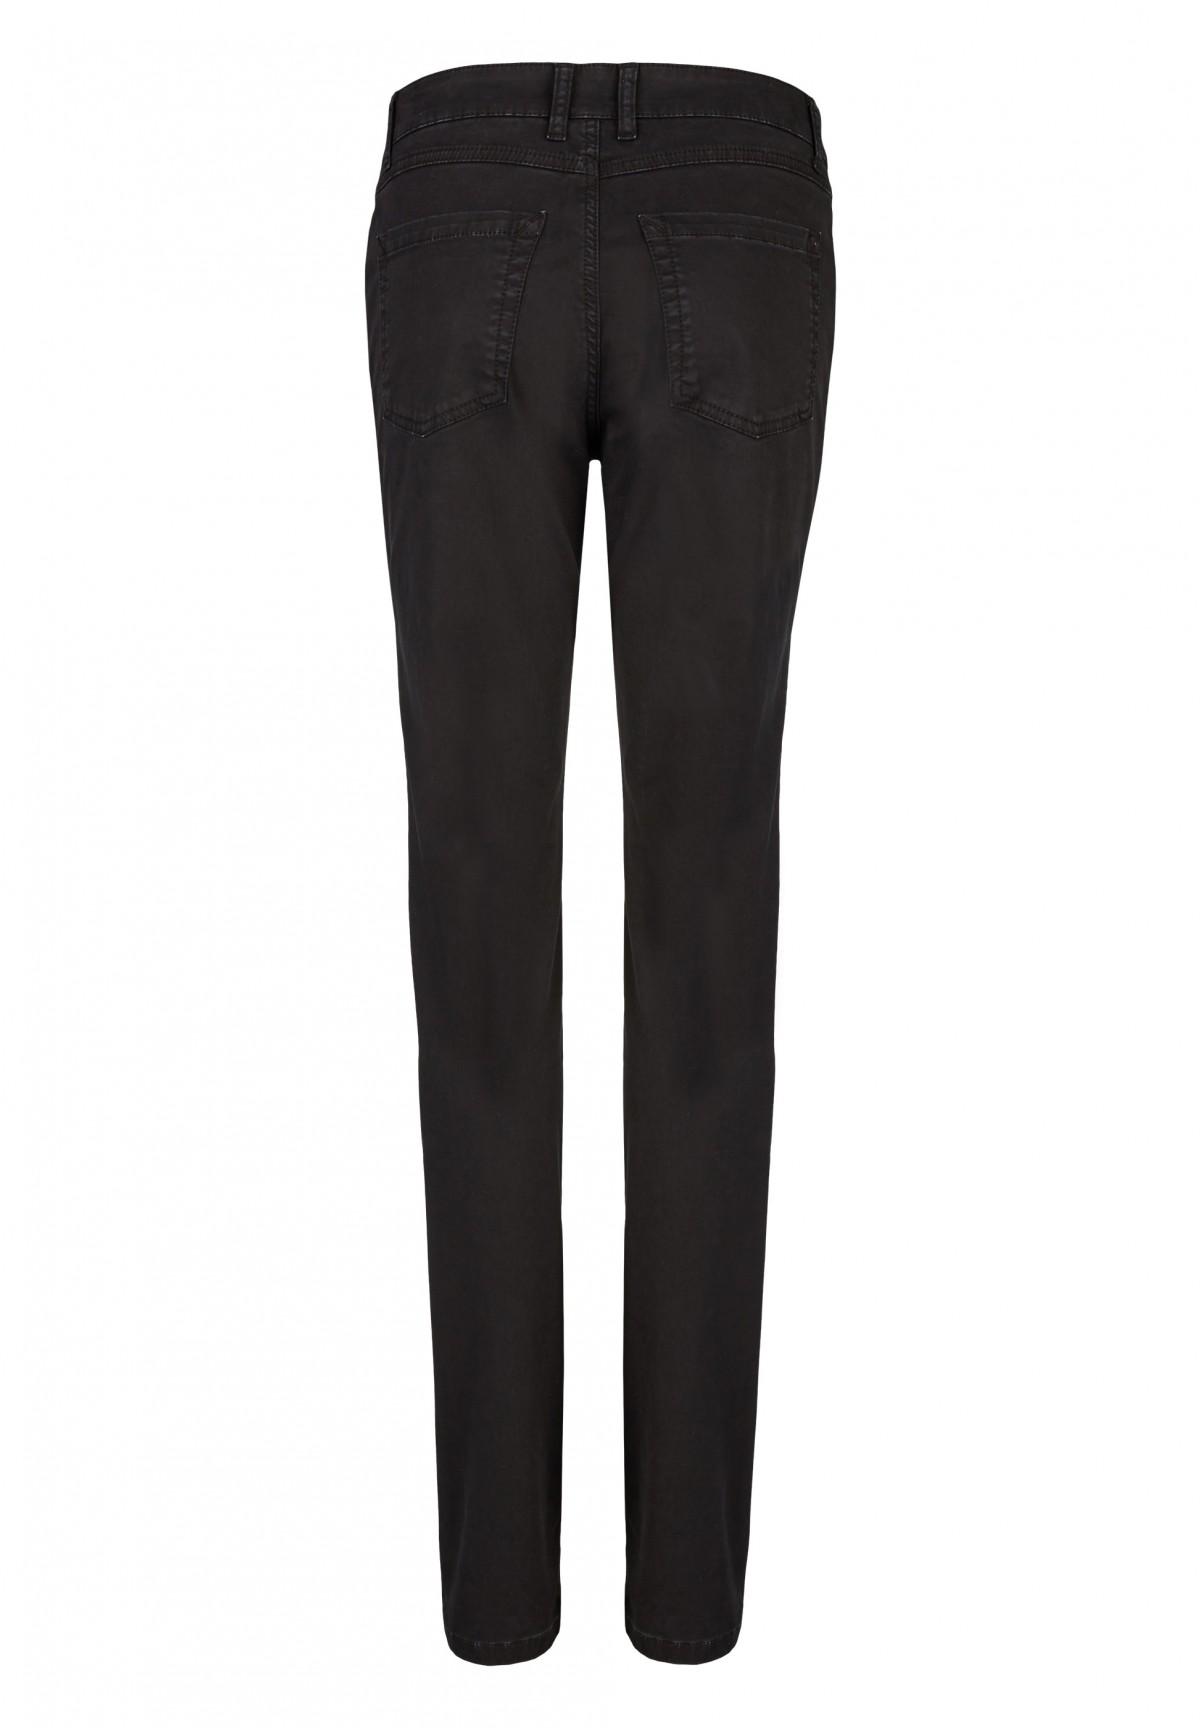 Modische Hose in schickem Design / Modische Hose in schickem Design